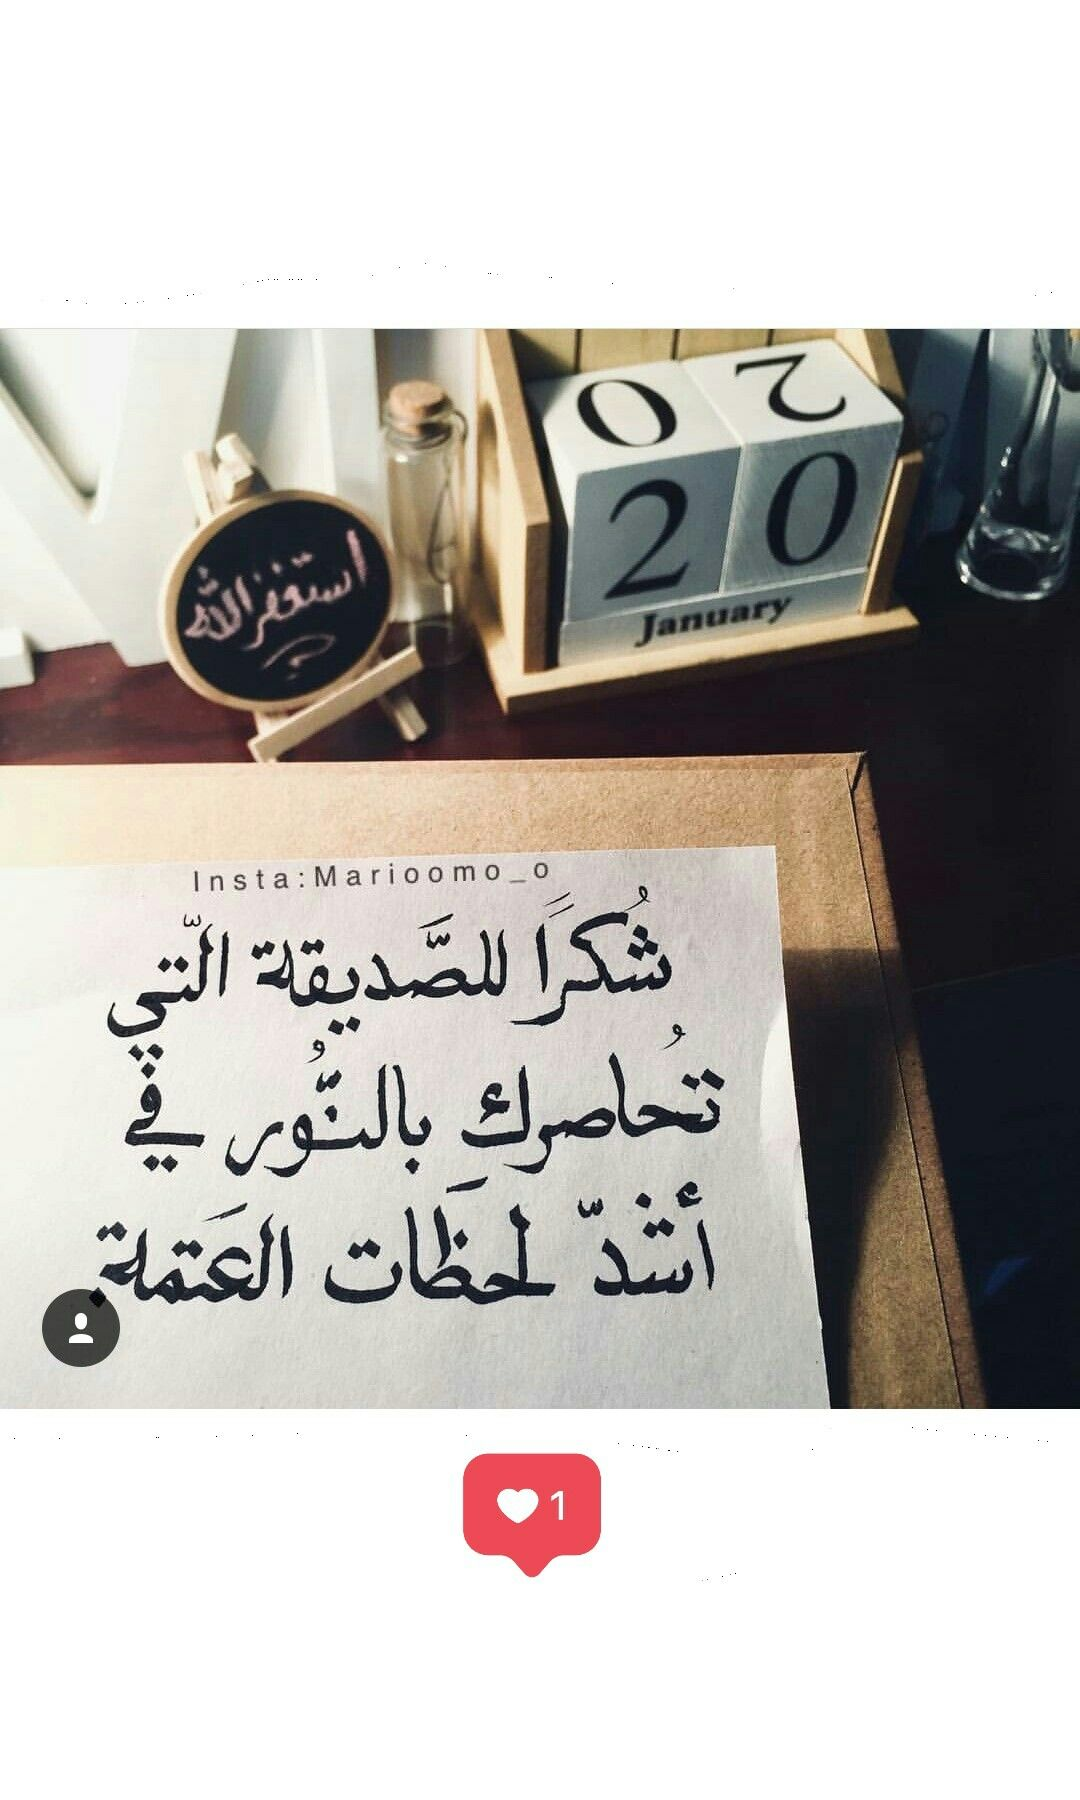 حاضر صديق عادى وبس والله Friends Quotes Words Quotes Bff Quotes